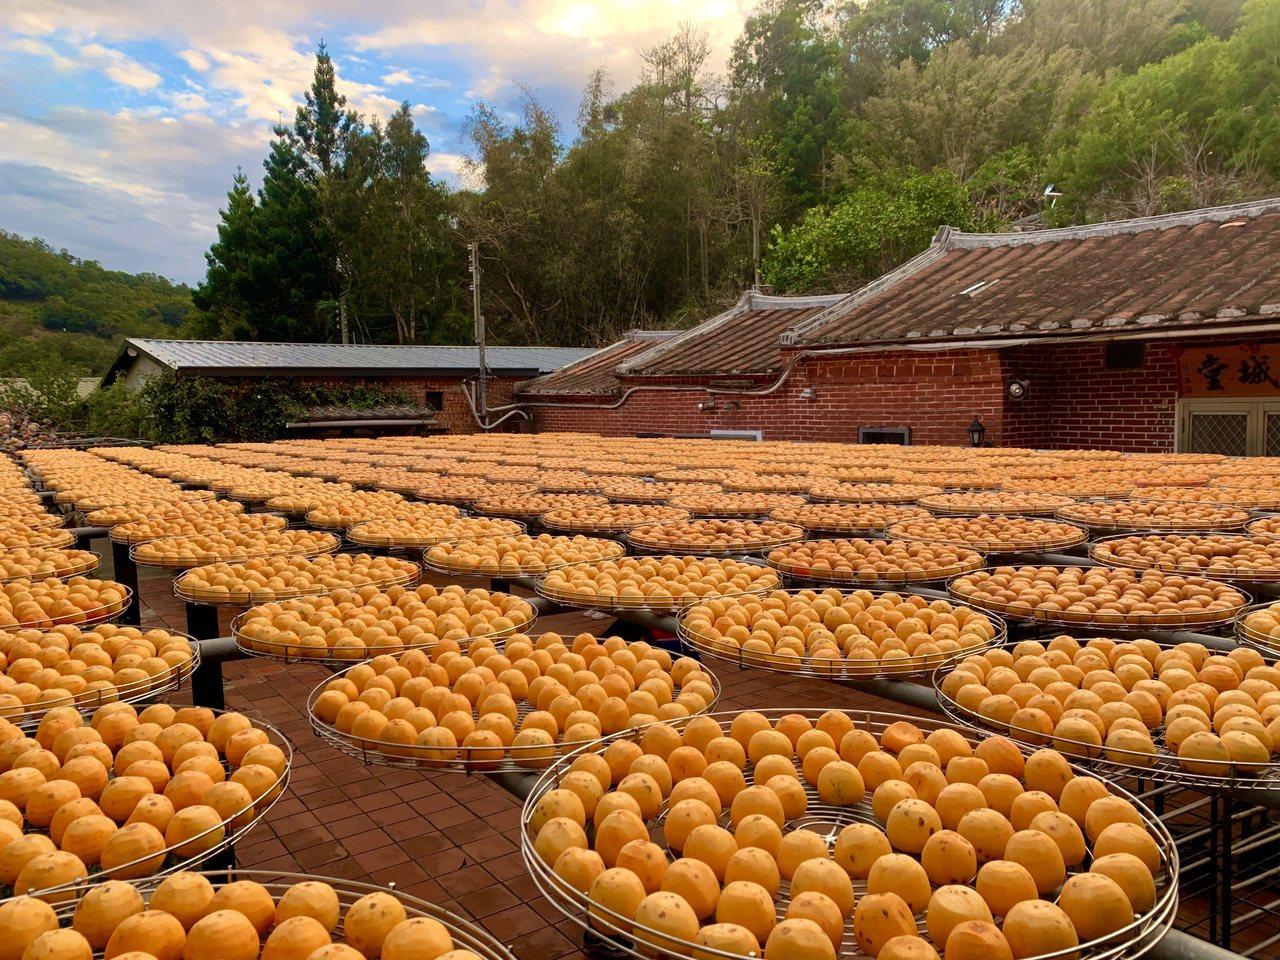 每年入秋之後,新竹鄉下的客家三合院就會曬起一盤盤的柿餅,成為獨特的客庄秋日美景。...